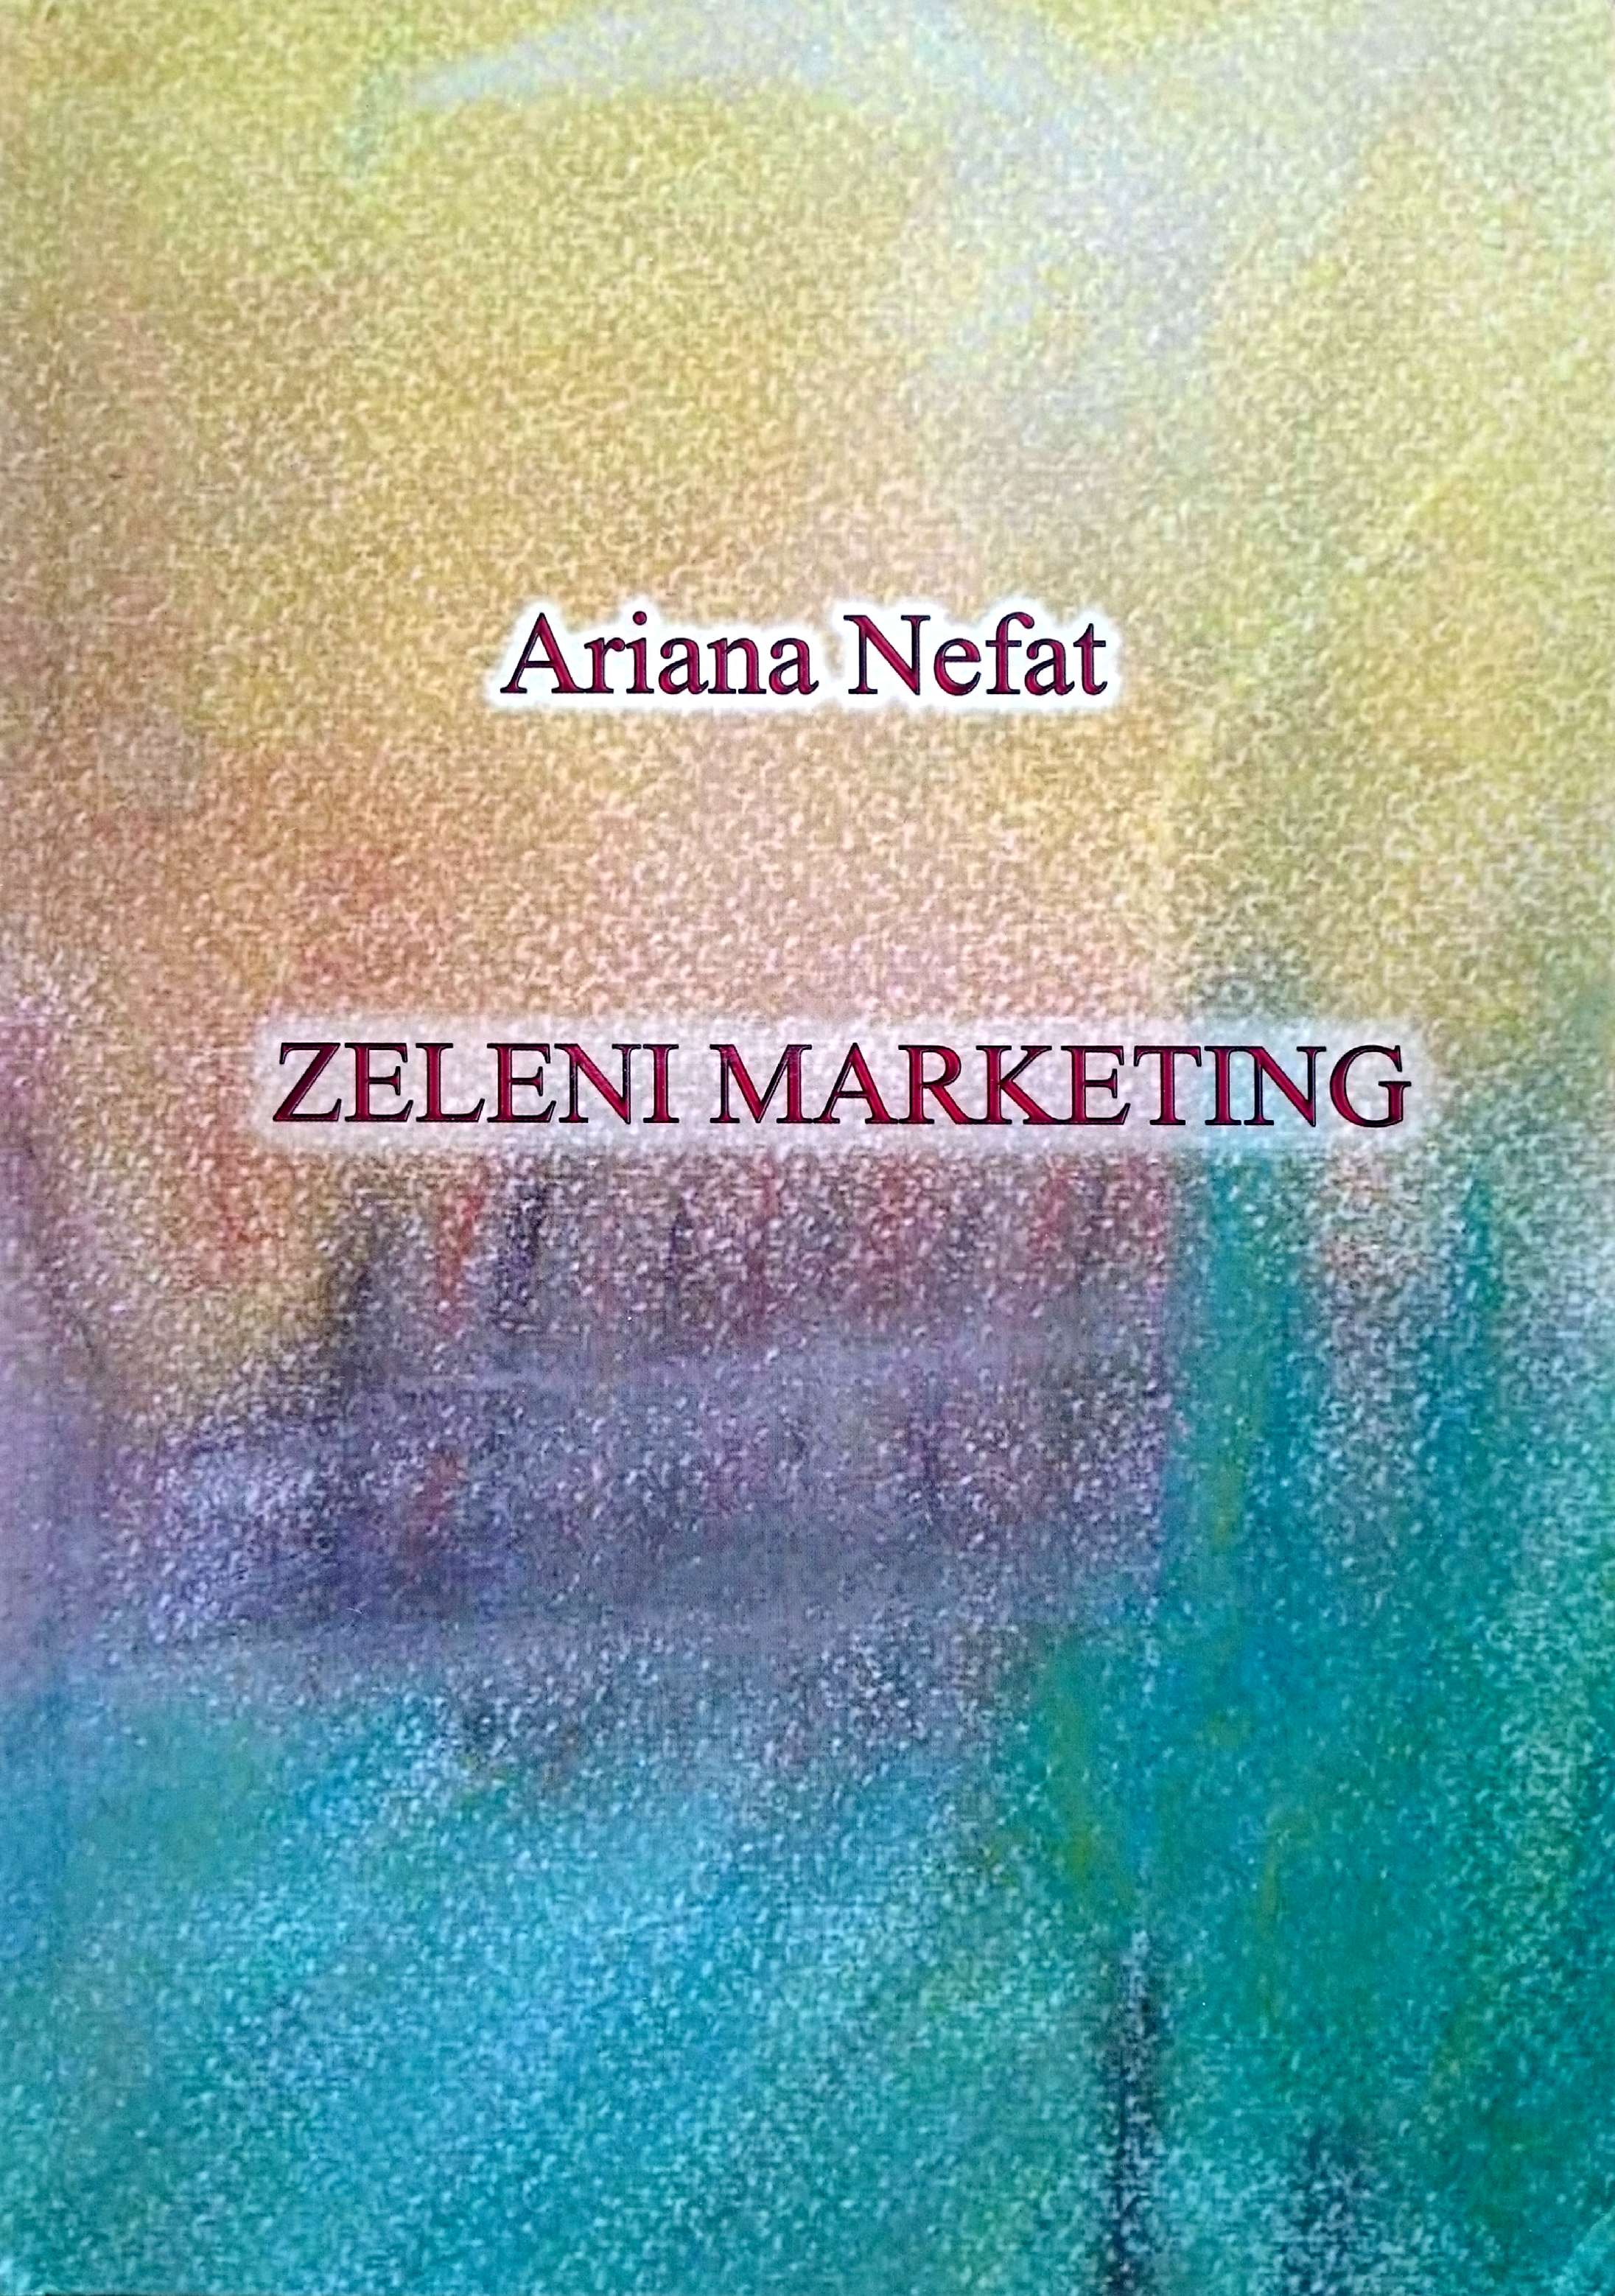 ZELENI MARKETING - Naruči svoju knjigu